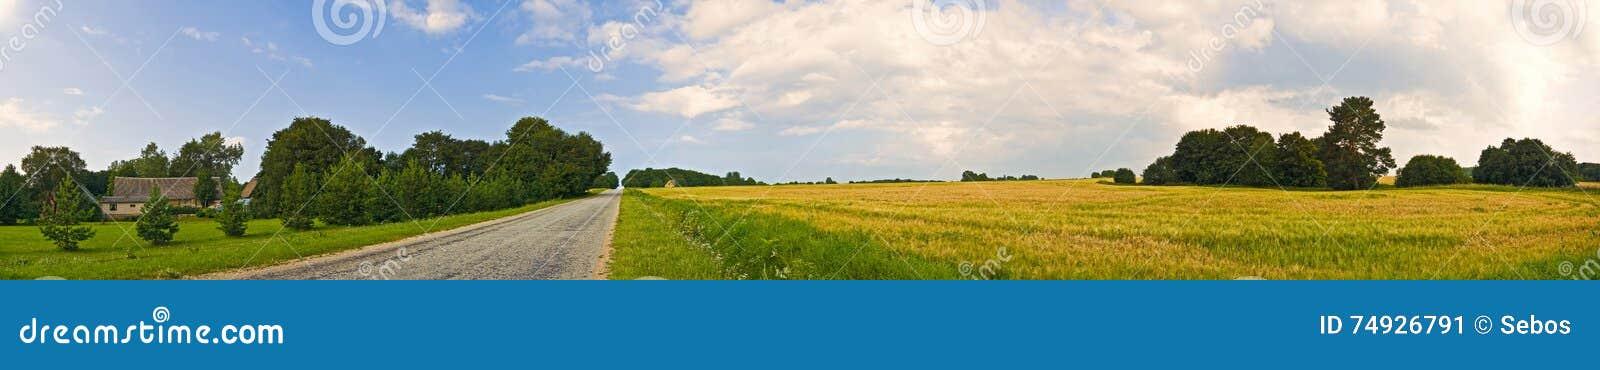 Opinión amplia del campo panorámico del camino con los árboles y el pueblo detrás Paisaje rural del verano Campo pastoral europeo